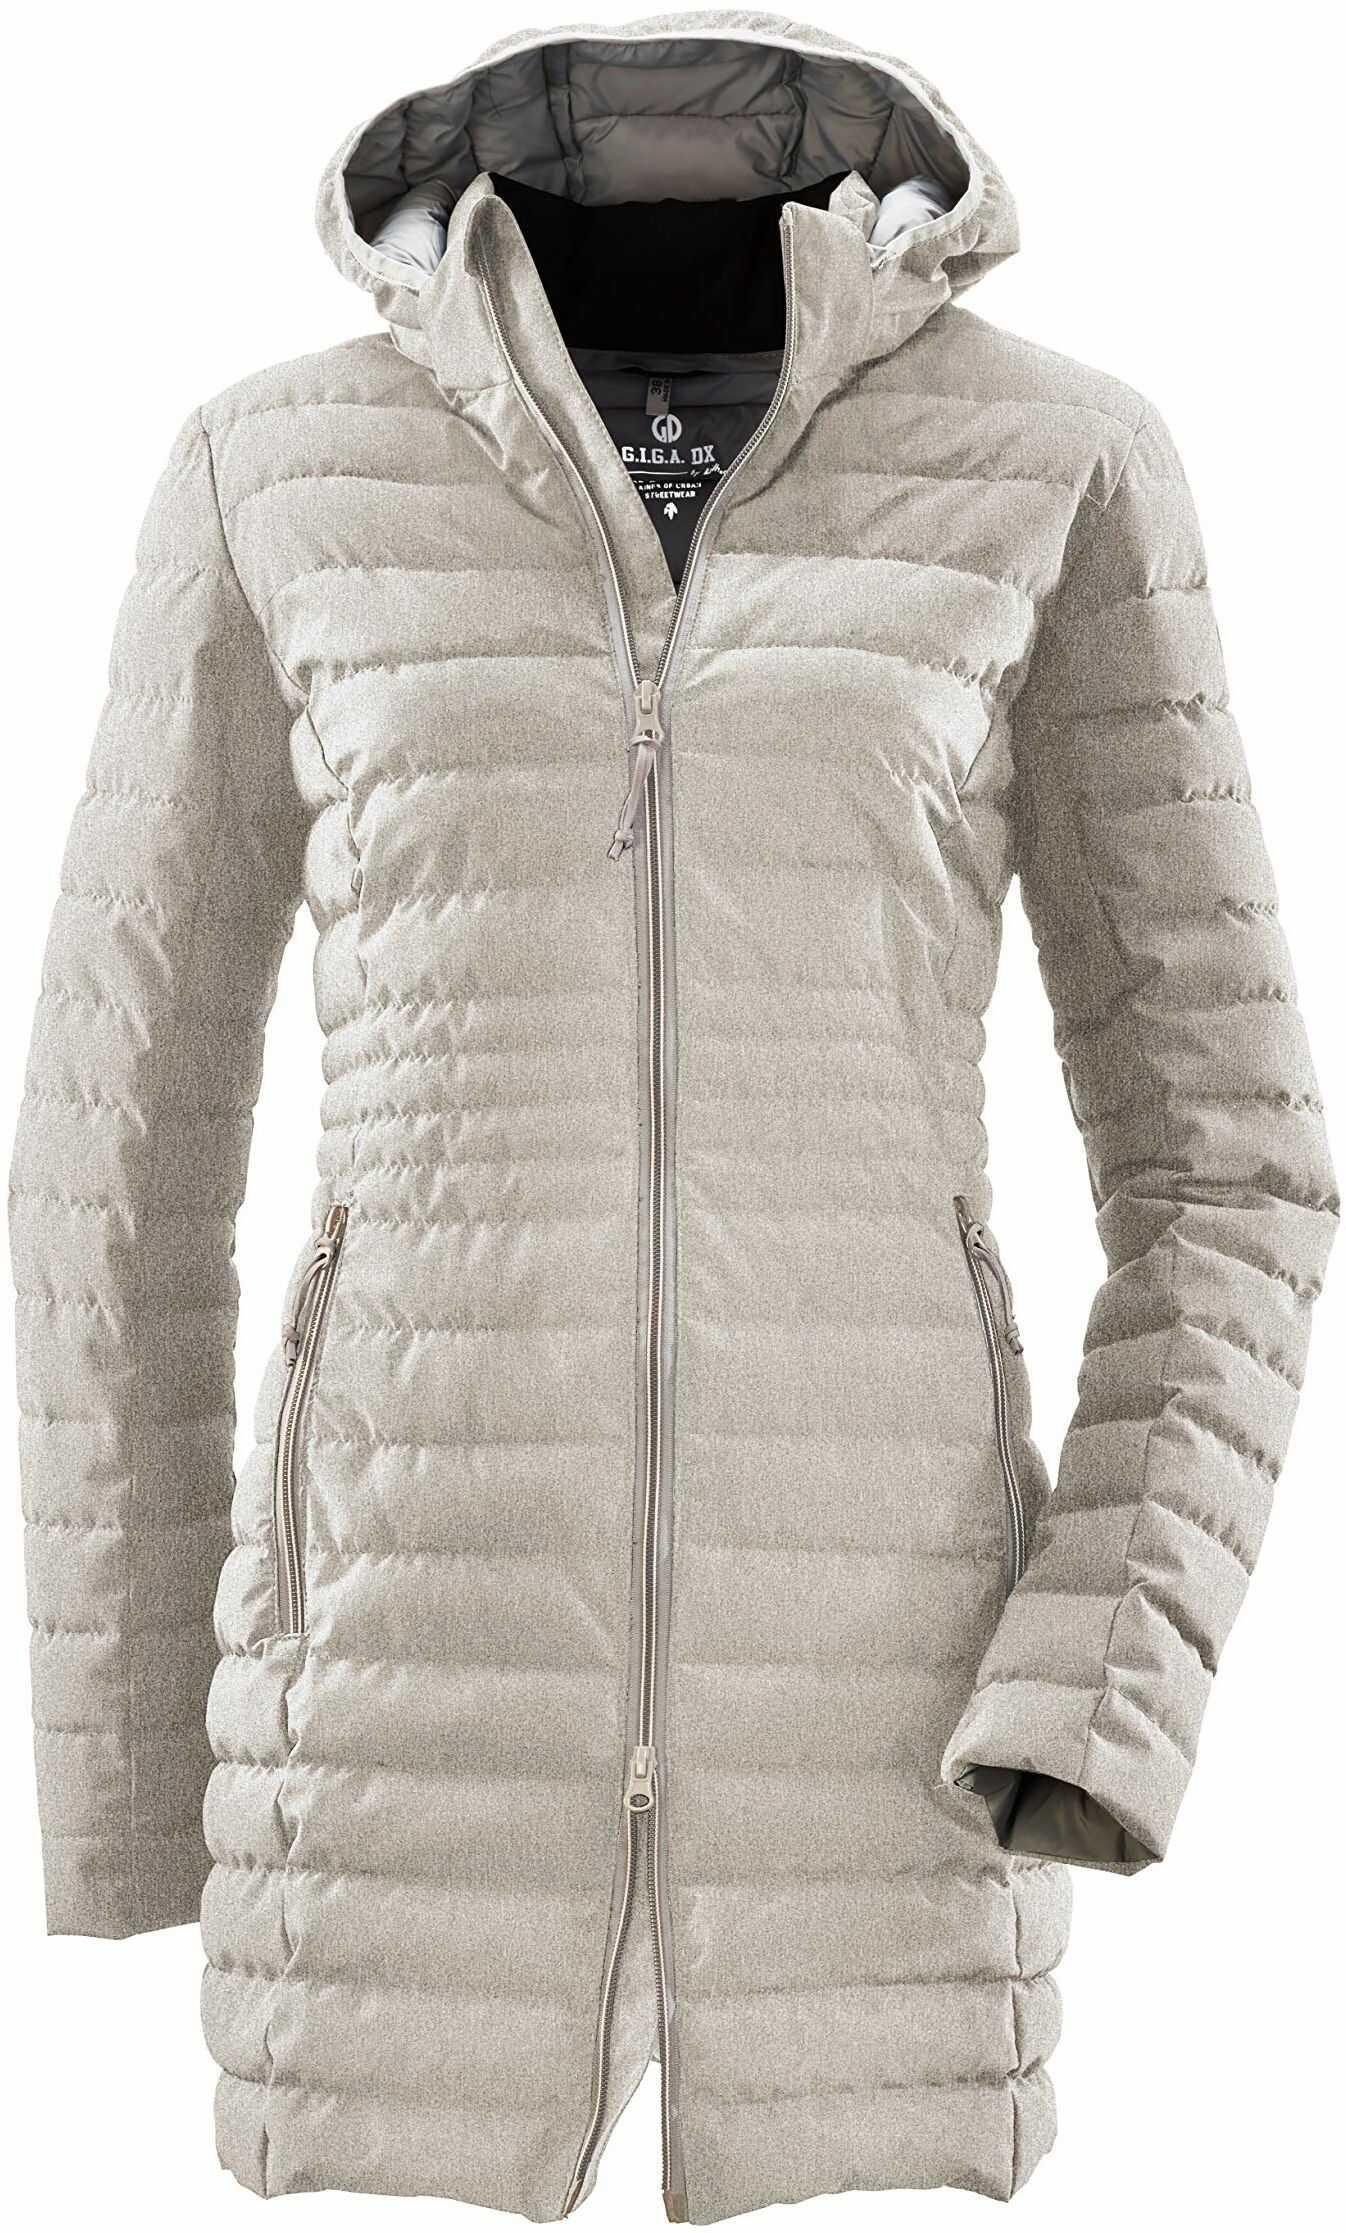 G.I.G.A. DX Bacarya damski płaszcz pikowany  parka funkcyjna z kapturem  długa kurtka pikowana  płaszcz przejściowy o wyglądzie puchu jasnoszary 40